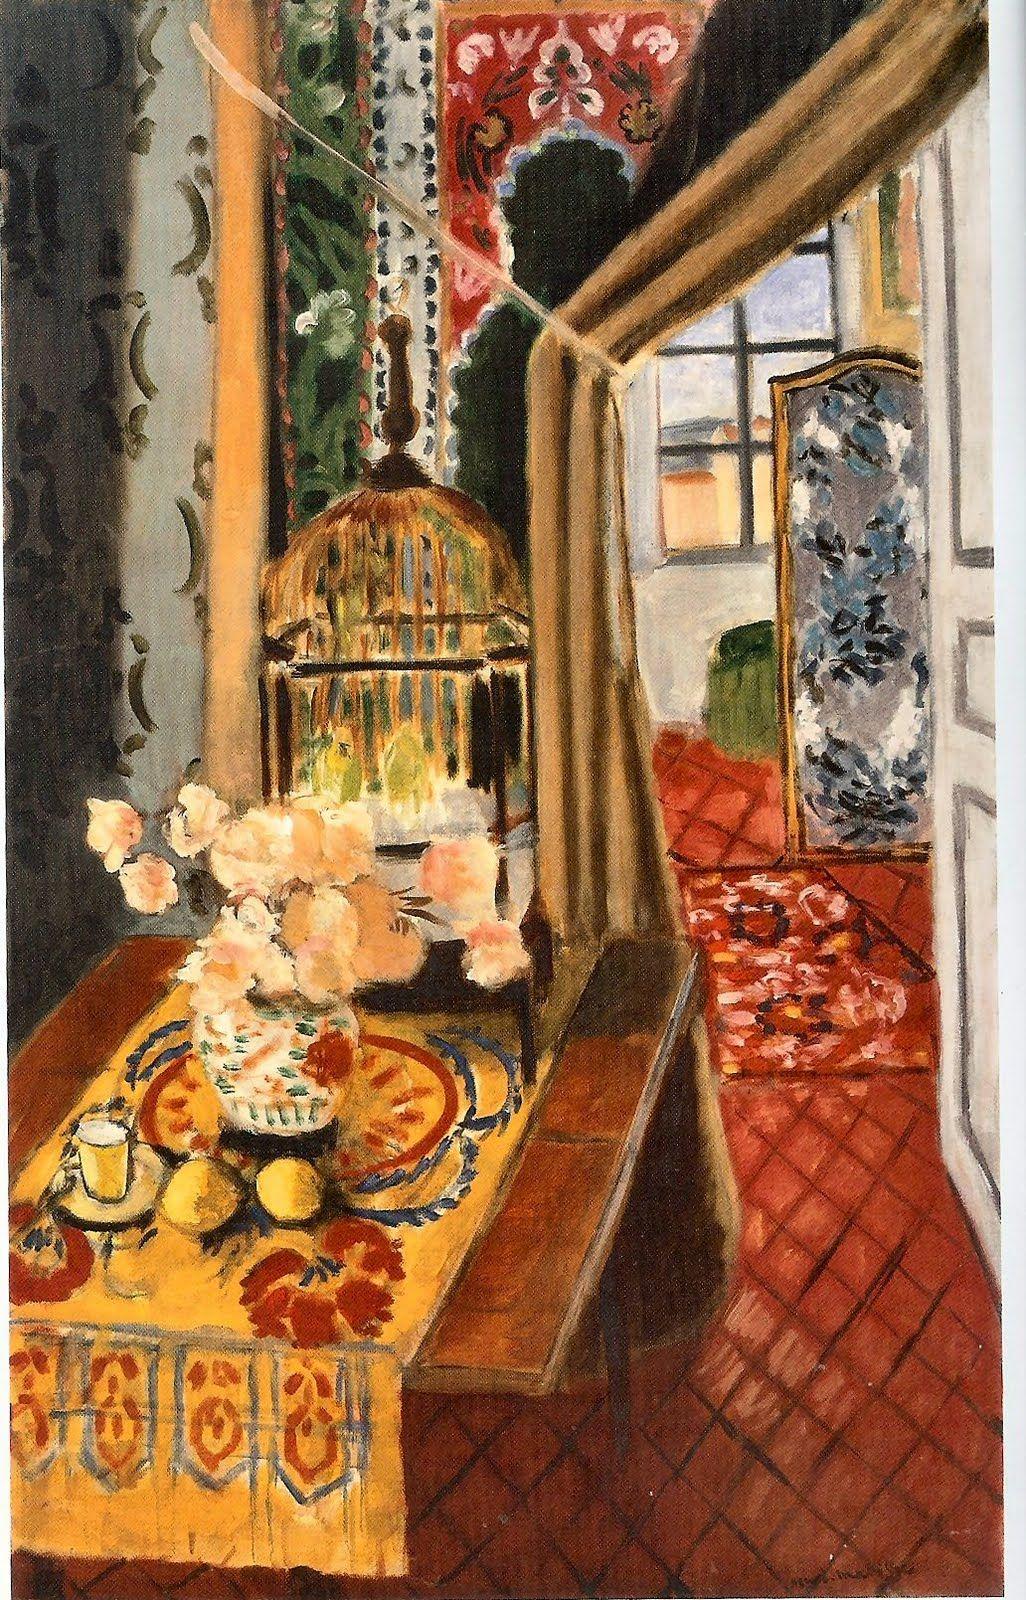 matisse | Matisse | Pinterest | Pinturas, Arte y Pintor